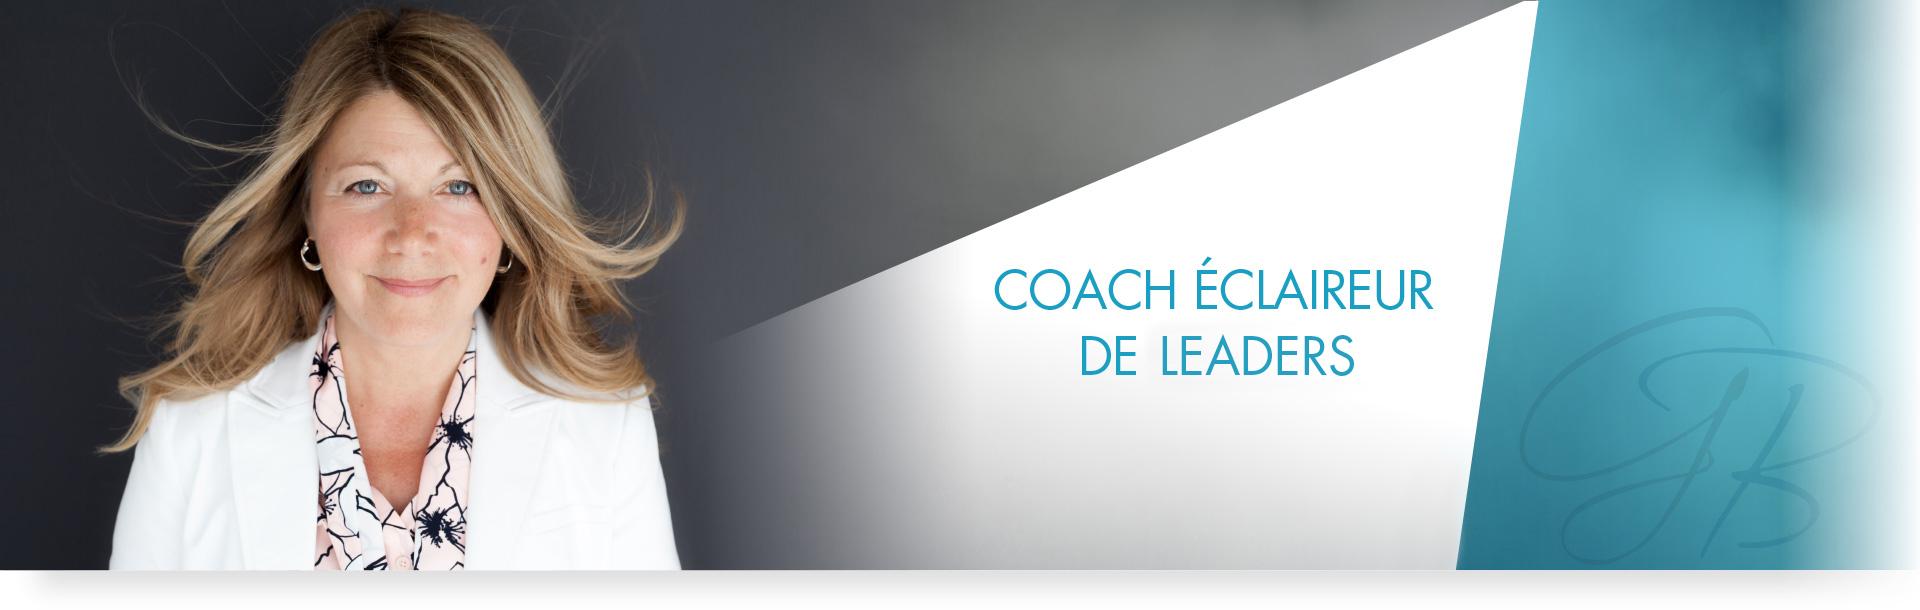 À propos de Ghislaine Bousquet | Coach éclaireur de leaders